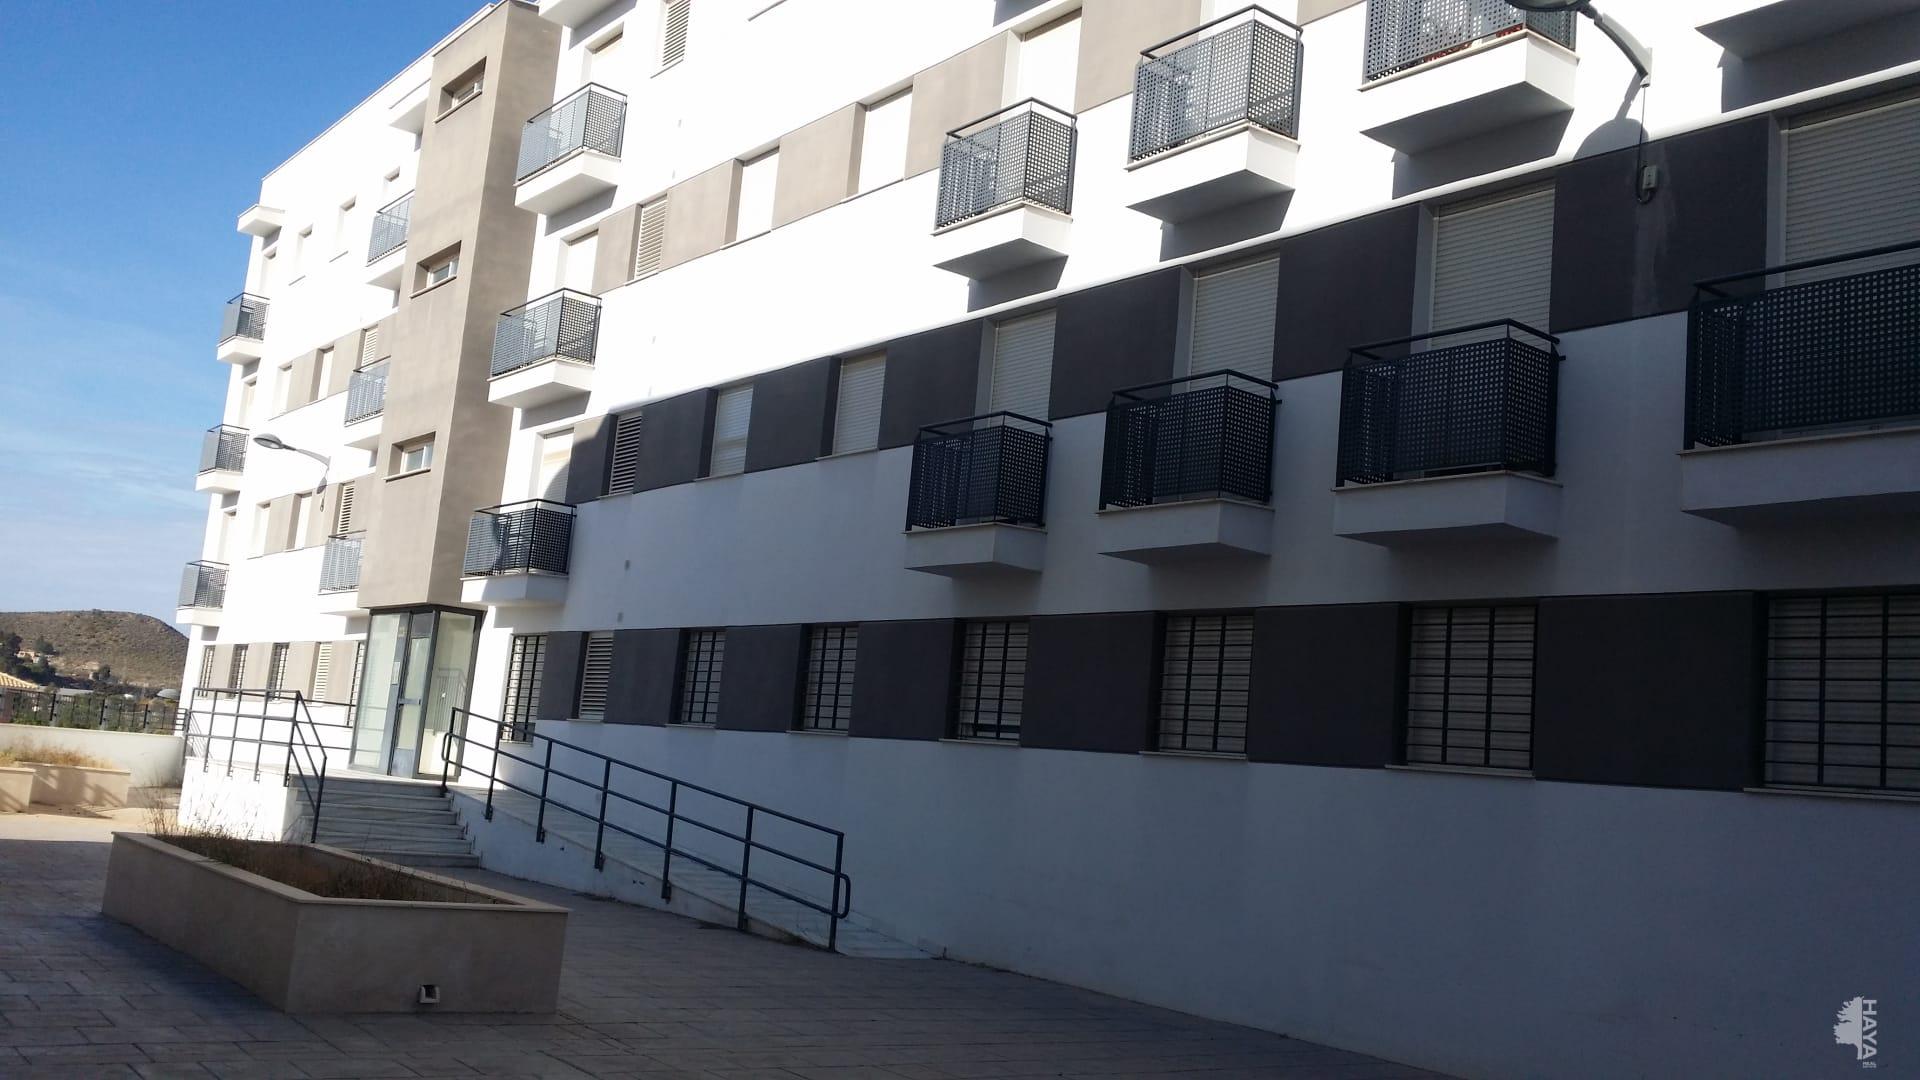 Piso en venta en Huitar Mayor, Olula del Río, Almería, Calle Alta, 76.100 €, 3 habitaciones, 1 baño, 98 m2